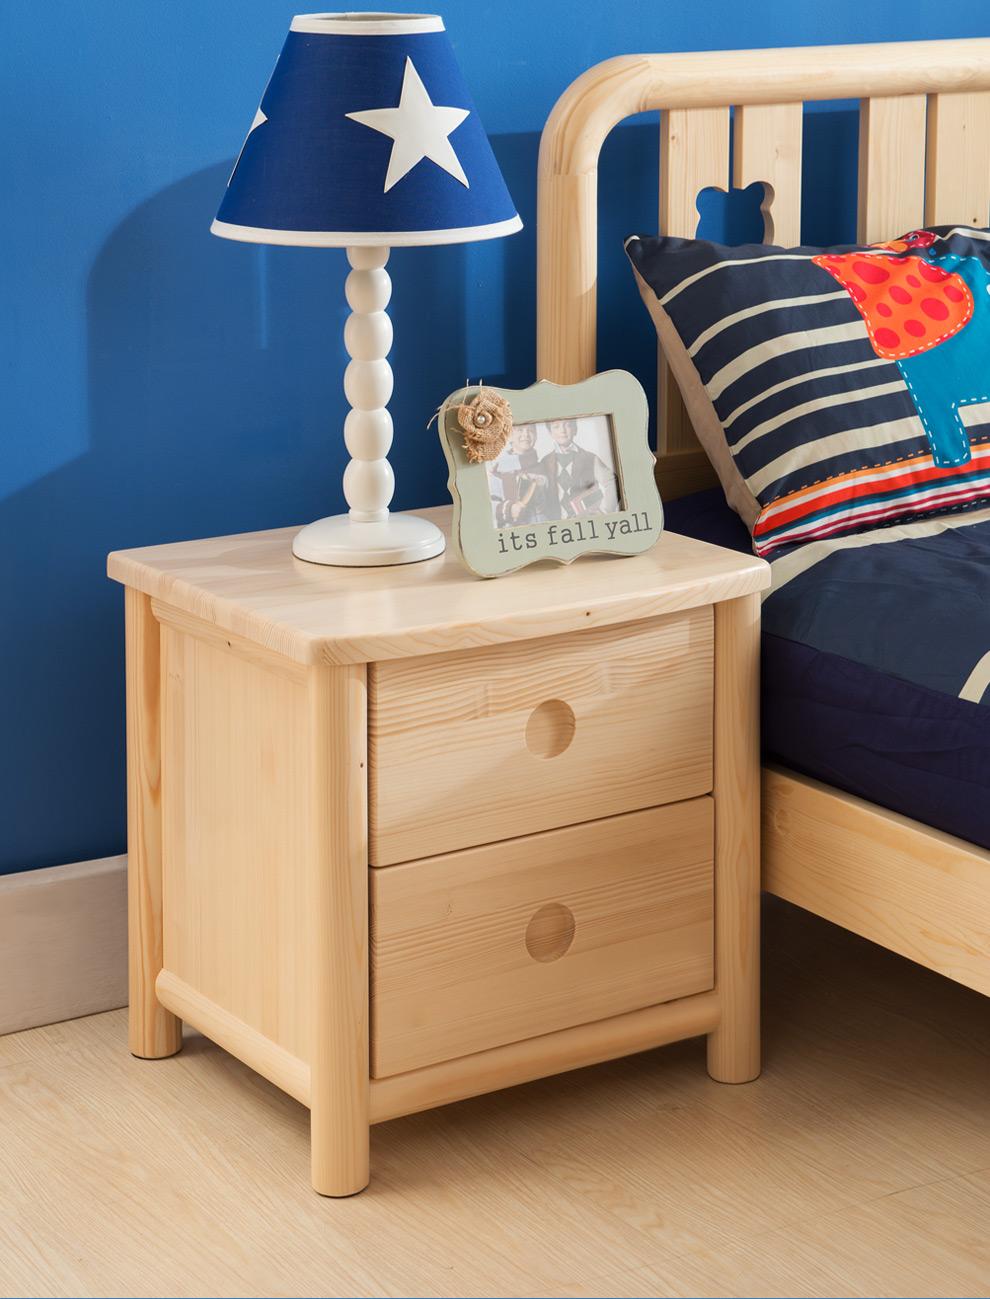 京巢儿童家具 床头柜 松木现代实木床边柜床头抽屉柜